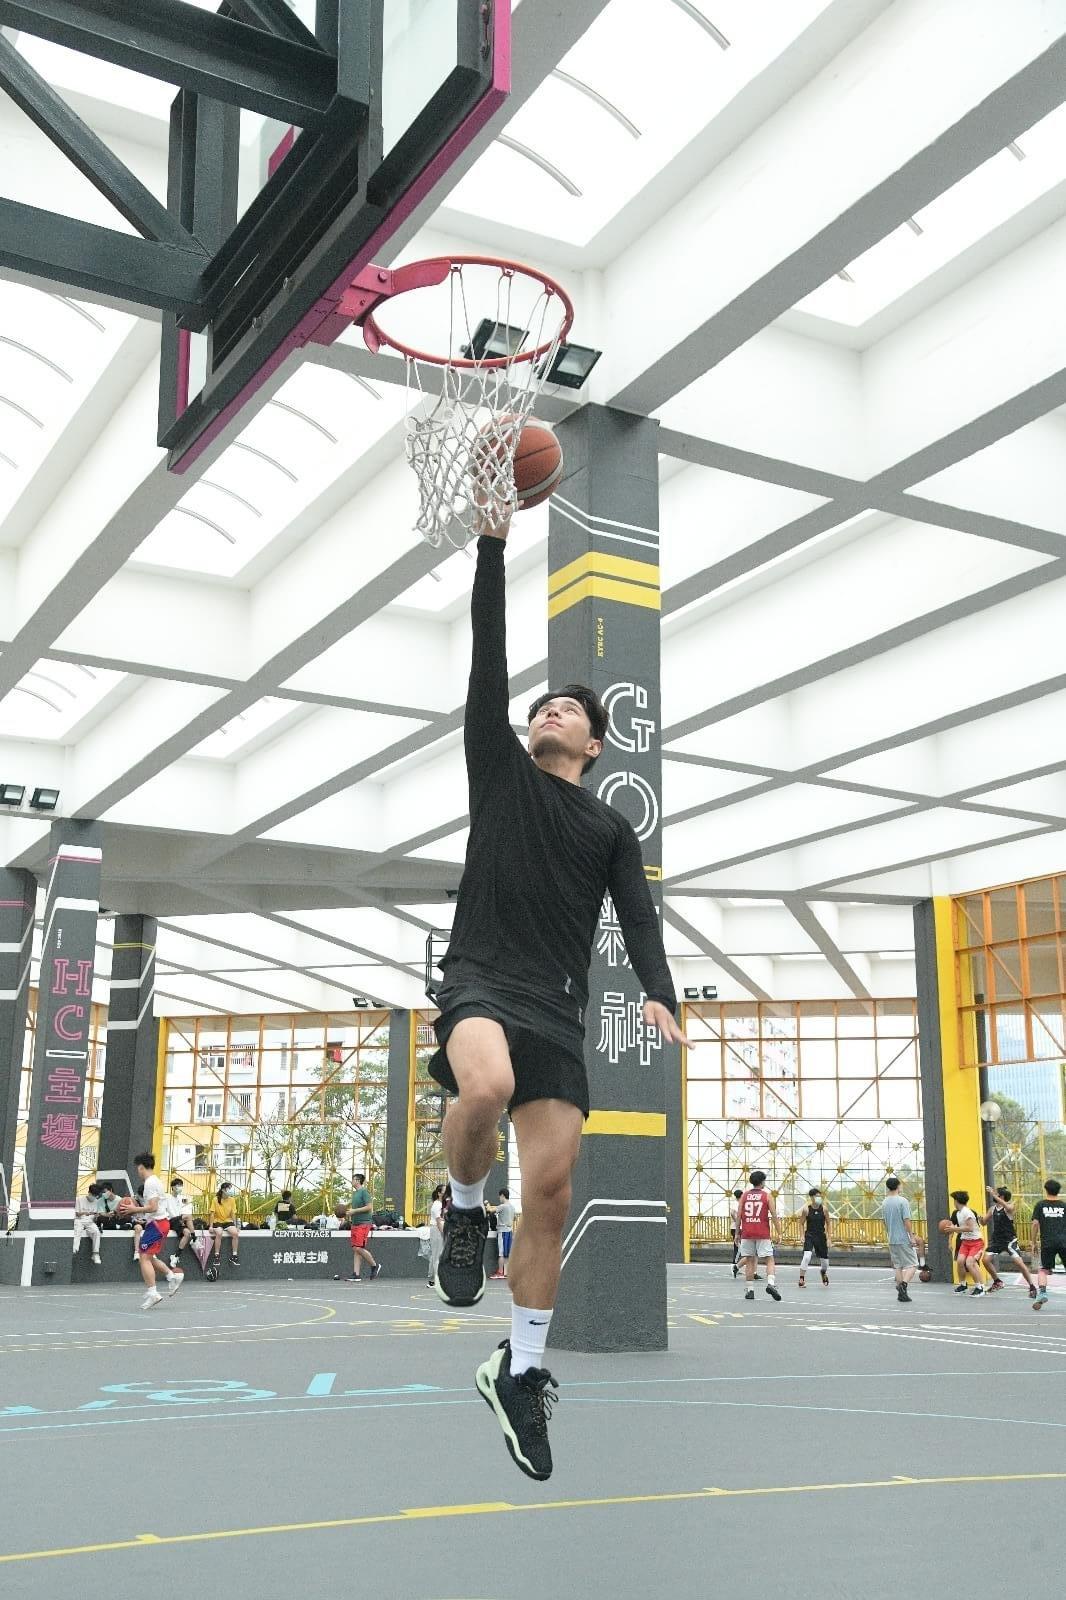 羅天宇自幼對打籃球情有獨鍾,可惜母親愛子心切,怕他受傷而反對。